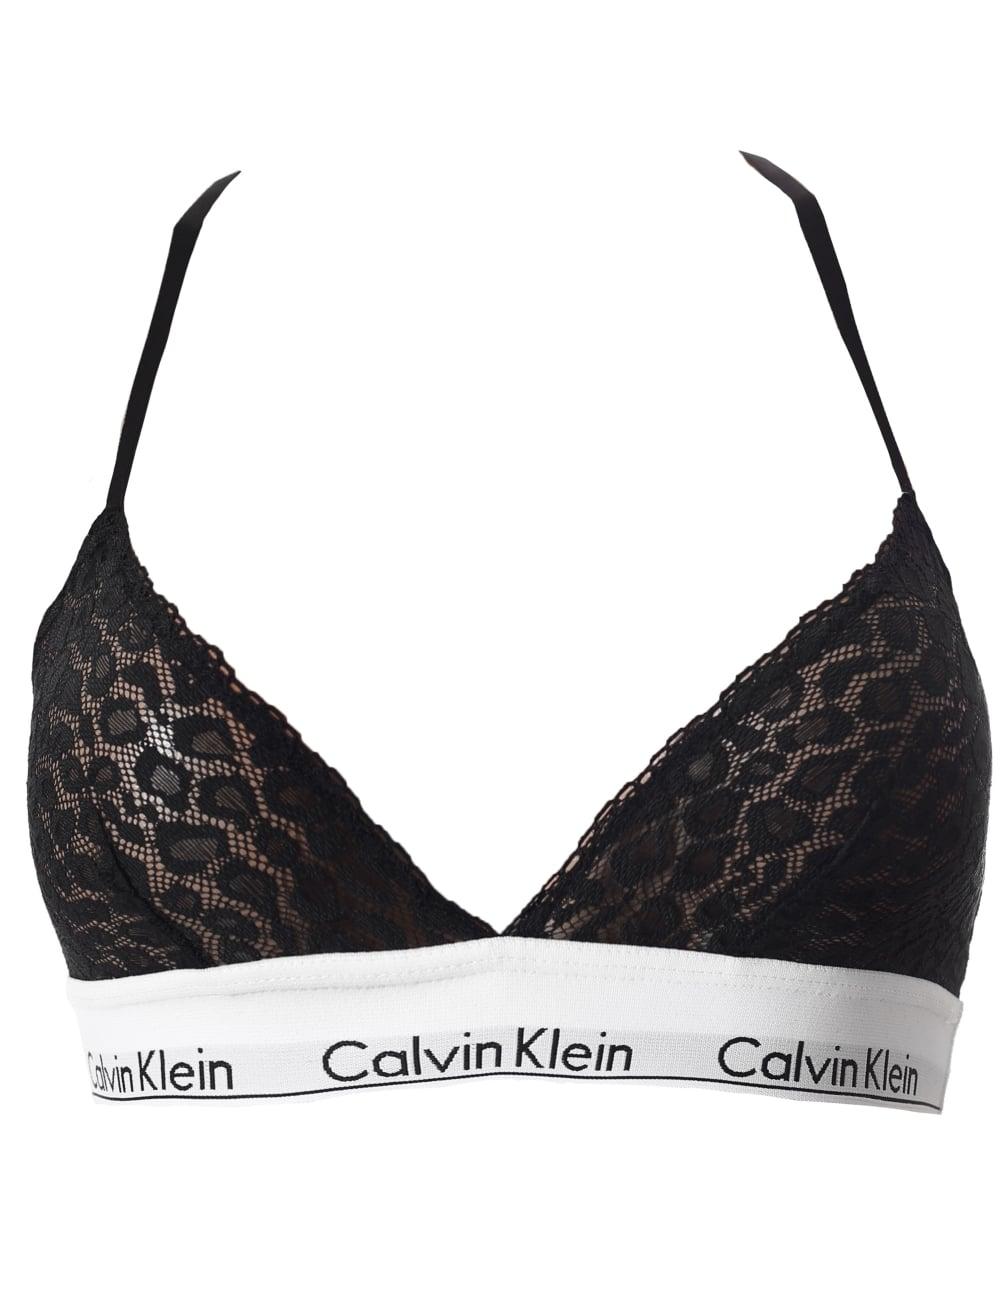 7c5b64582e Calvin Klein Women s Unlined Lace Triangle Bra